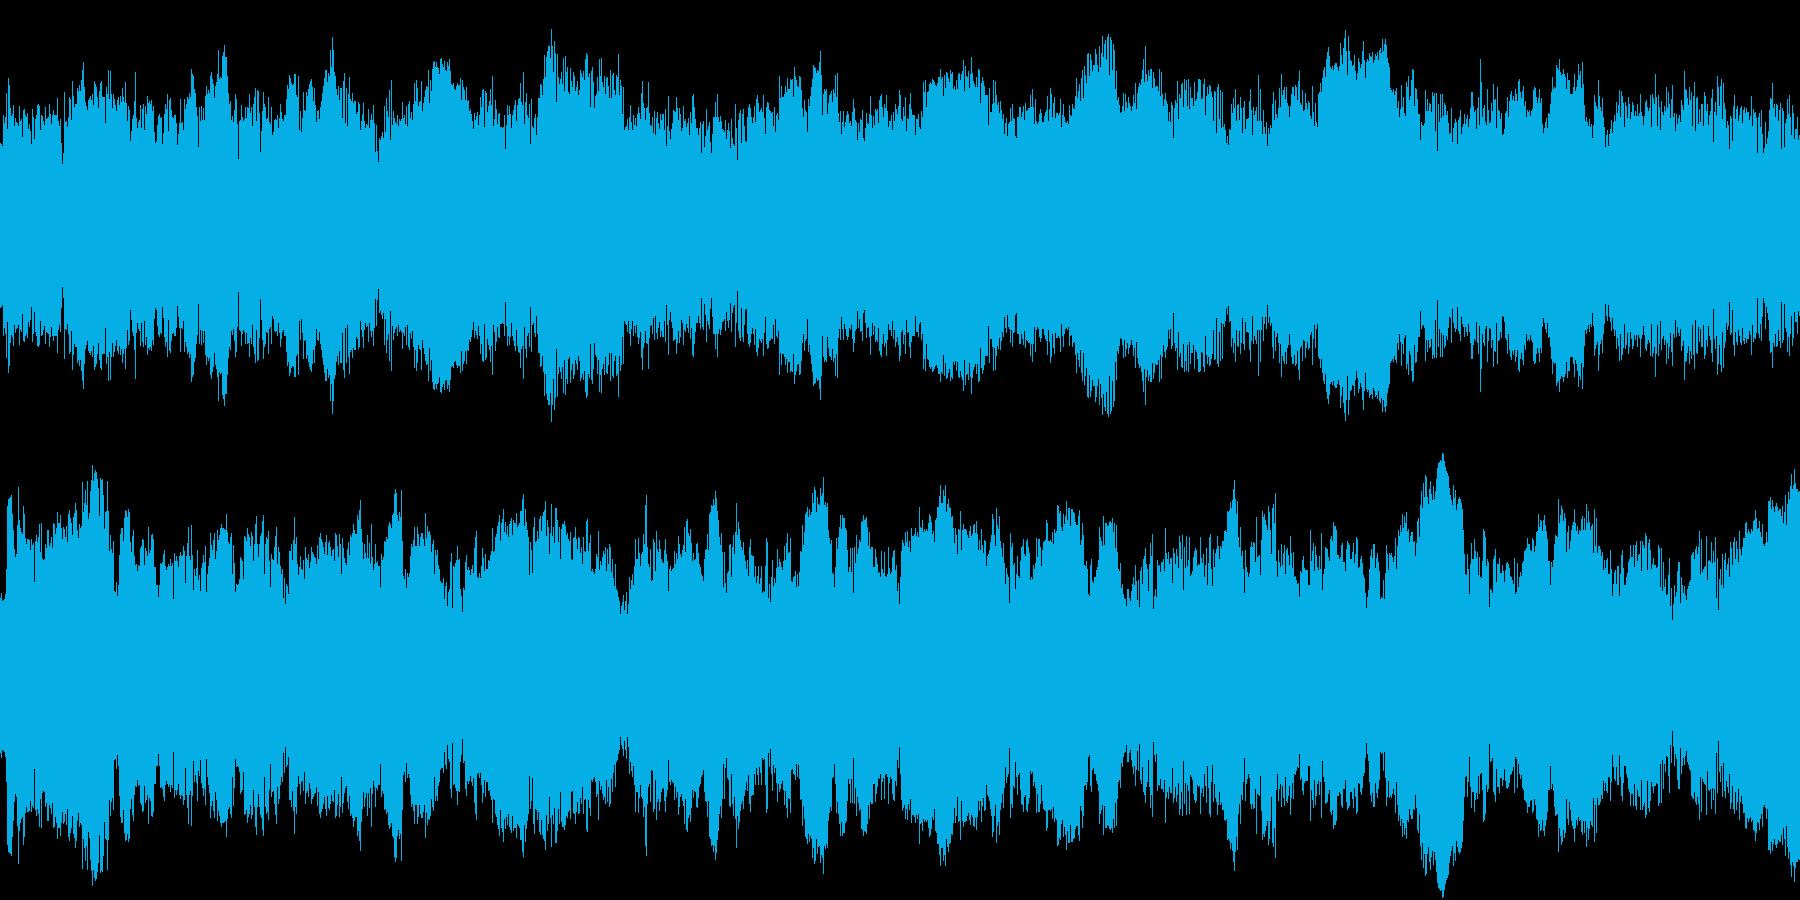 ループ対応のサイレンの効果音の再生済みの波形